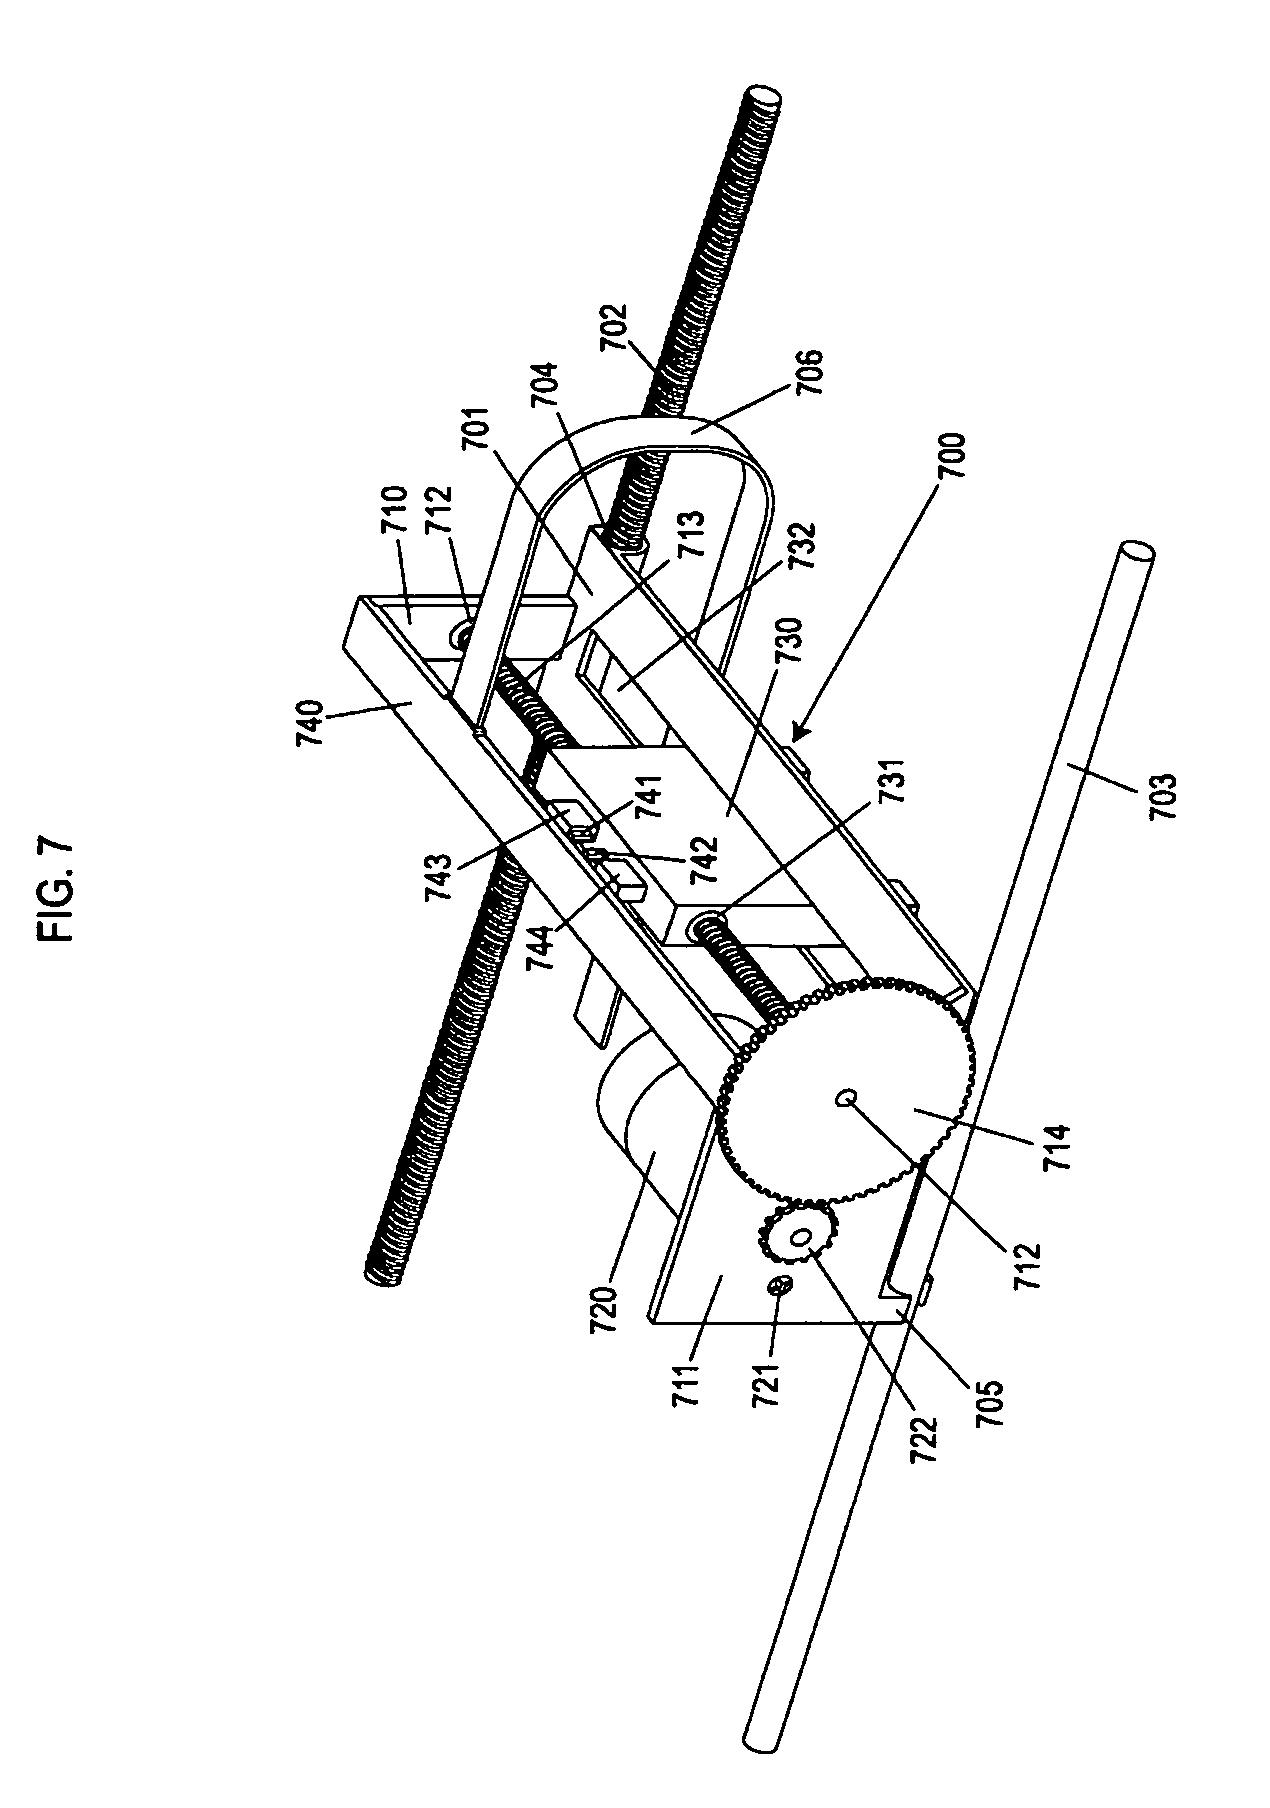 patent us6997390